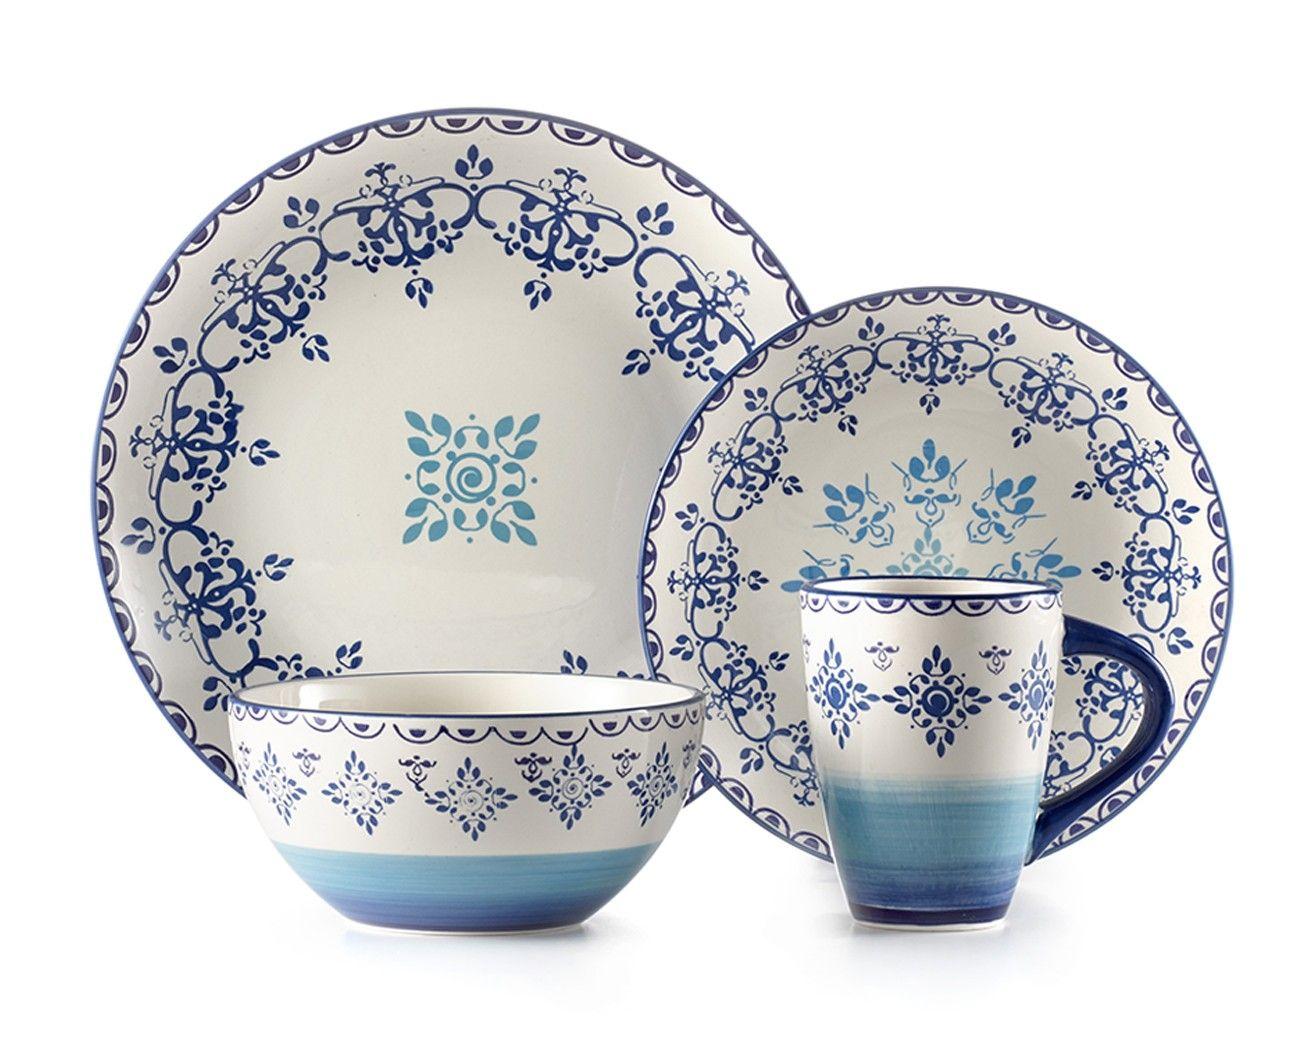 Kaleidoscope 16PC dinnerware - Dinnerware - Dining | Stokes Inc ...